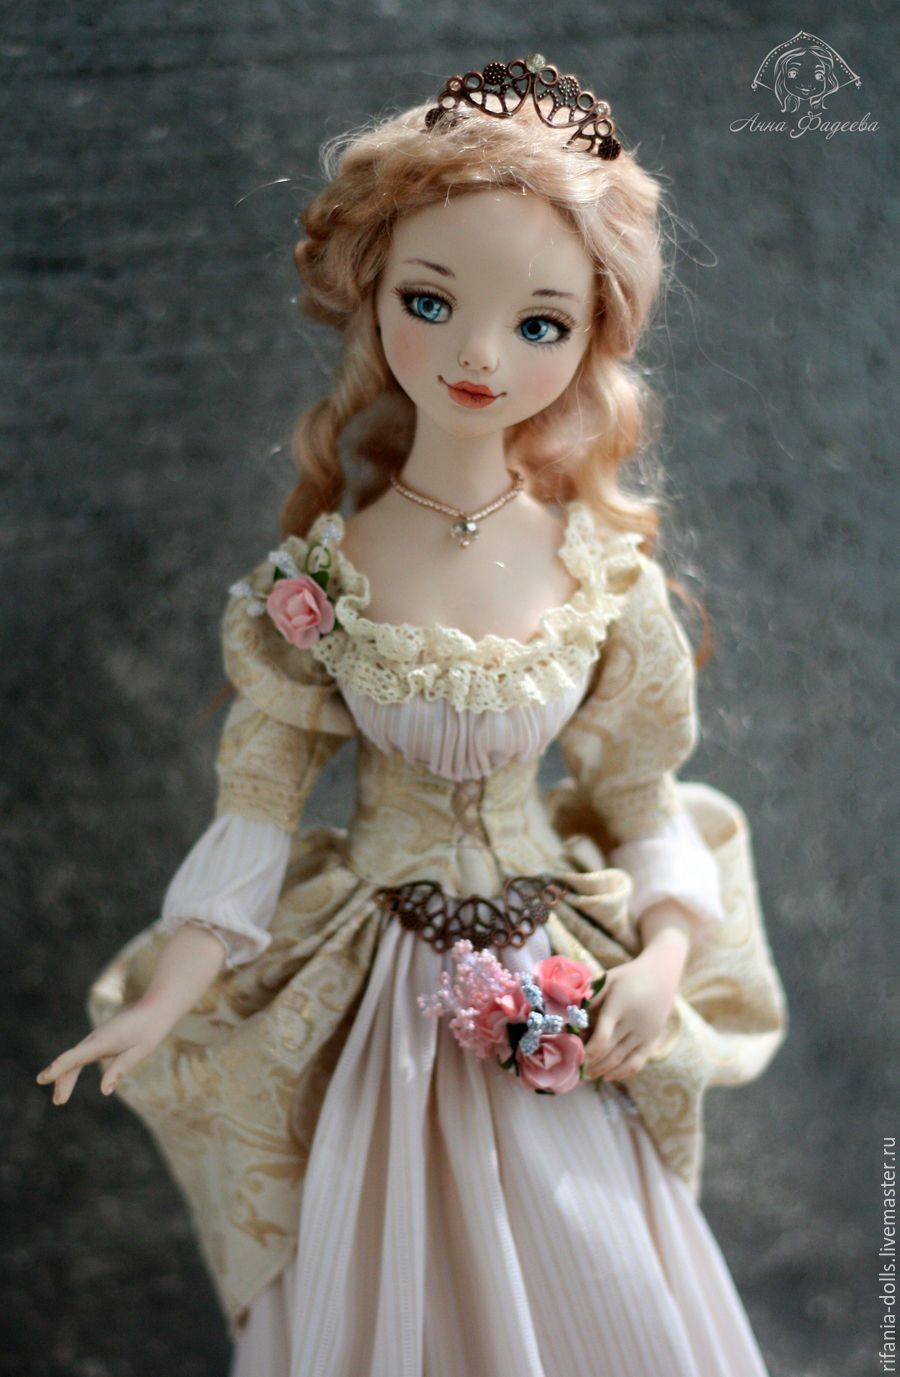 Купить Элизабет - бежевый, барышня, коллекционная кукла, ручная работа, оригинальный подарок, авторская кукла